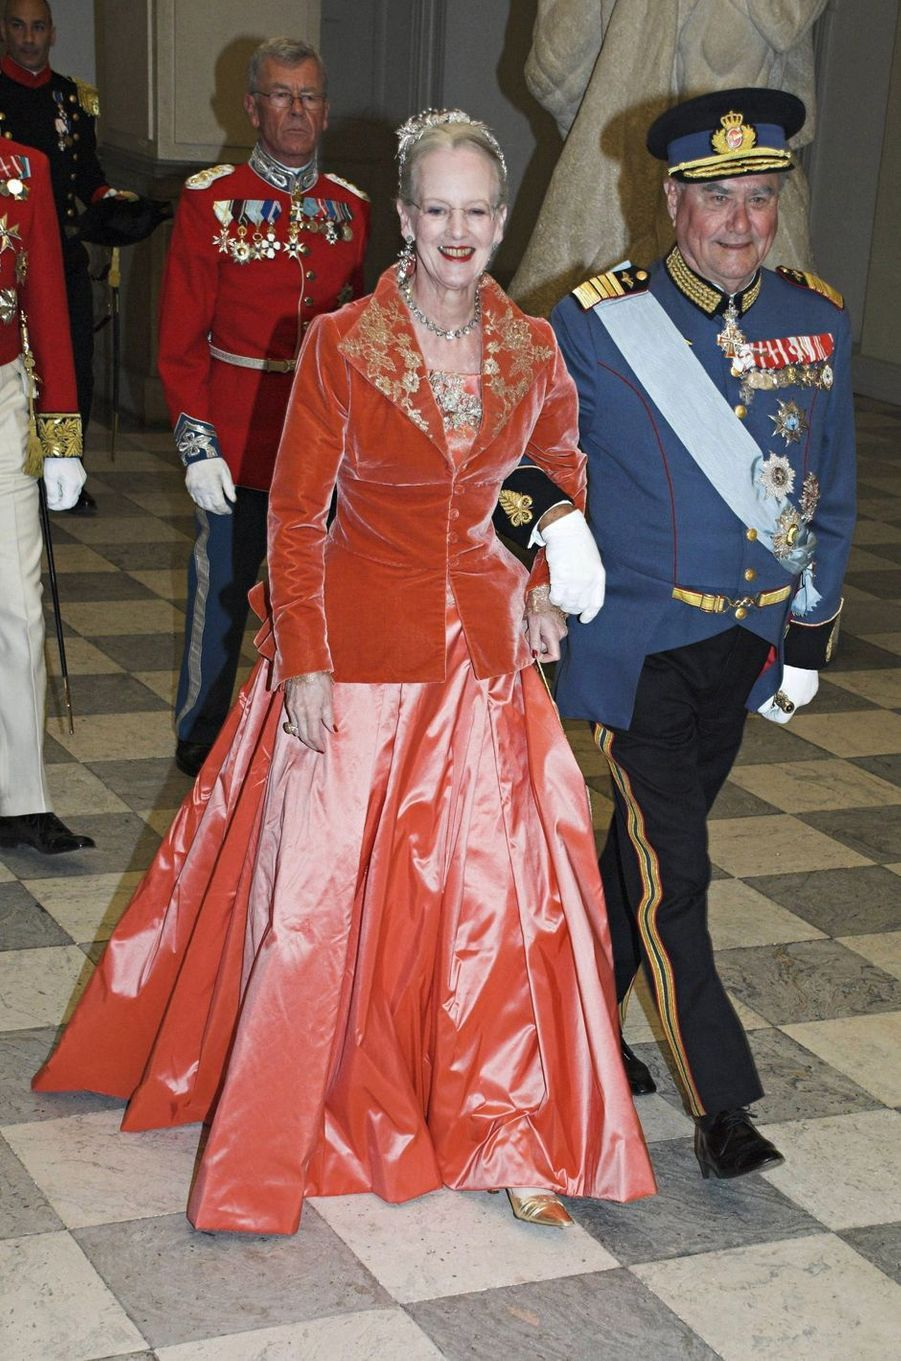 La reine Margrethe II de Danemark lors de la visite d'Etat du couple royal suédois, le 10 mai 2007